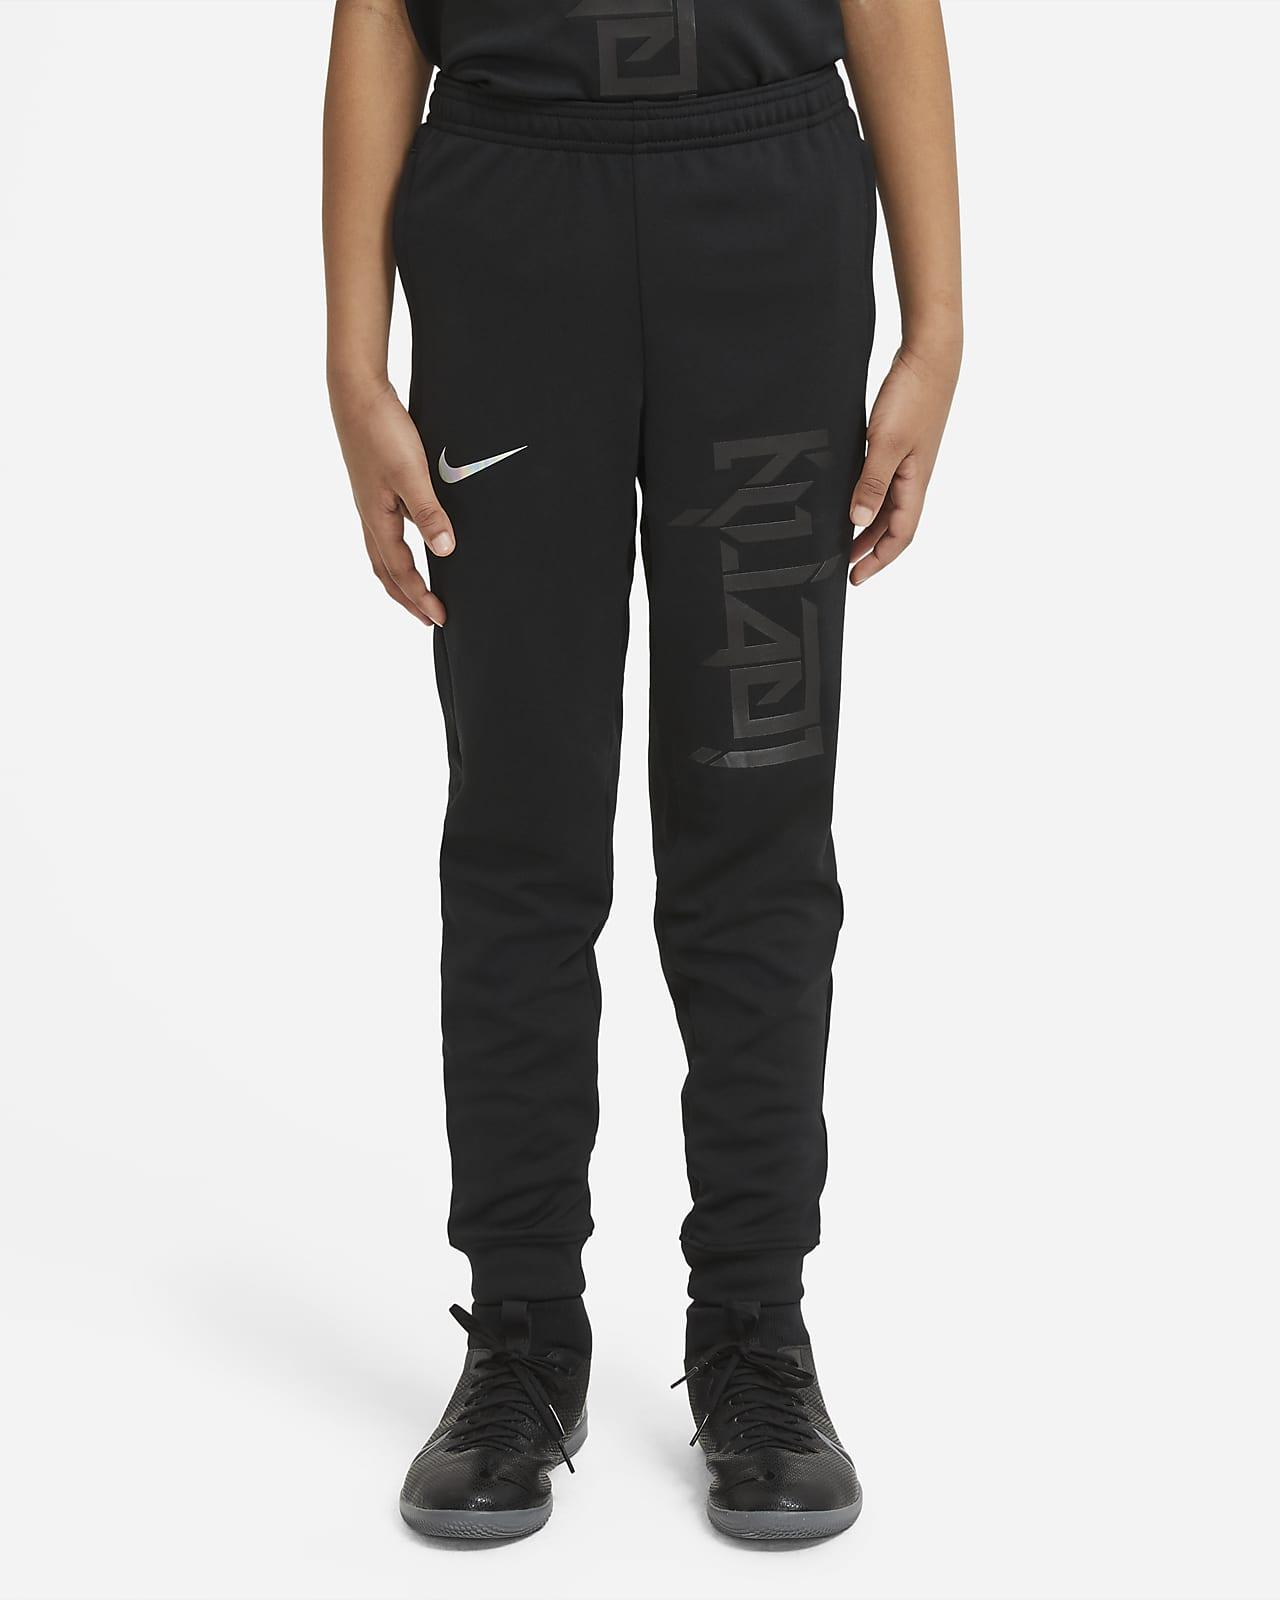 Pantalon de football en maille Nike Dri-FIT Kylian Mbappé pour Enfant plus âgé